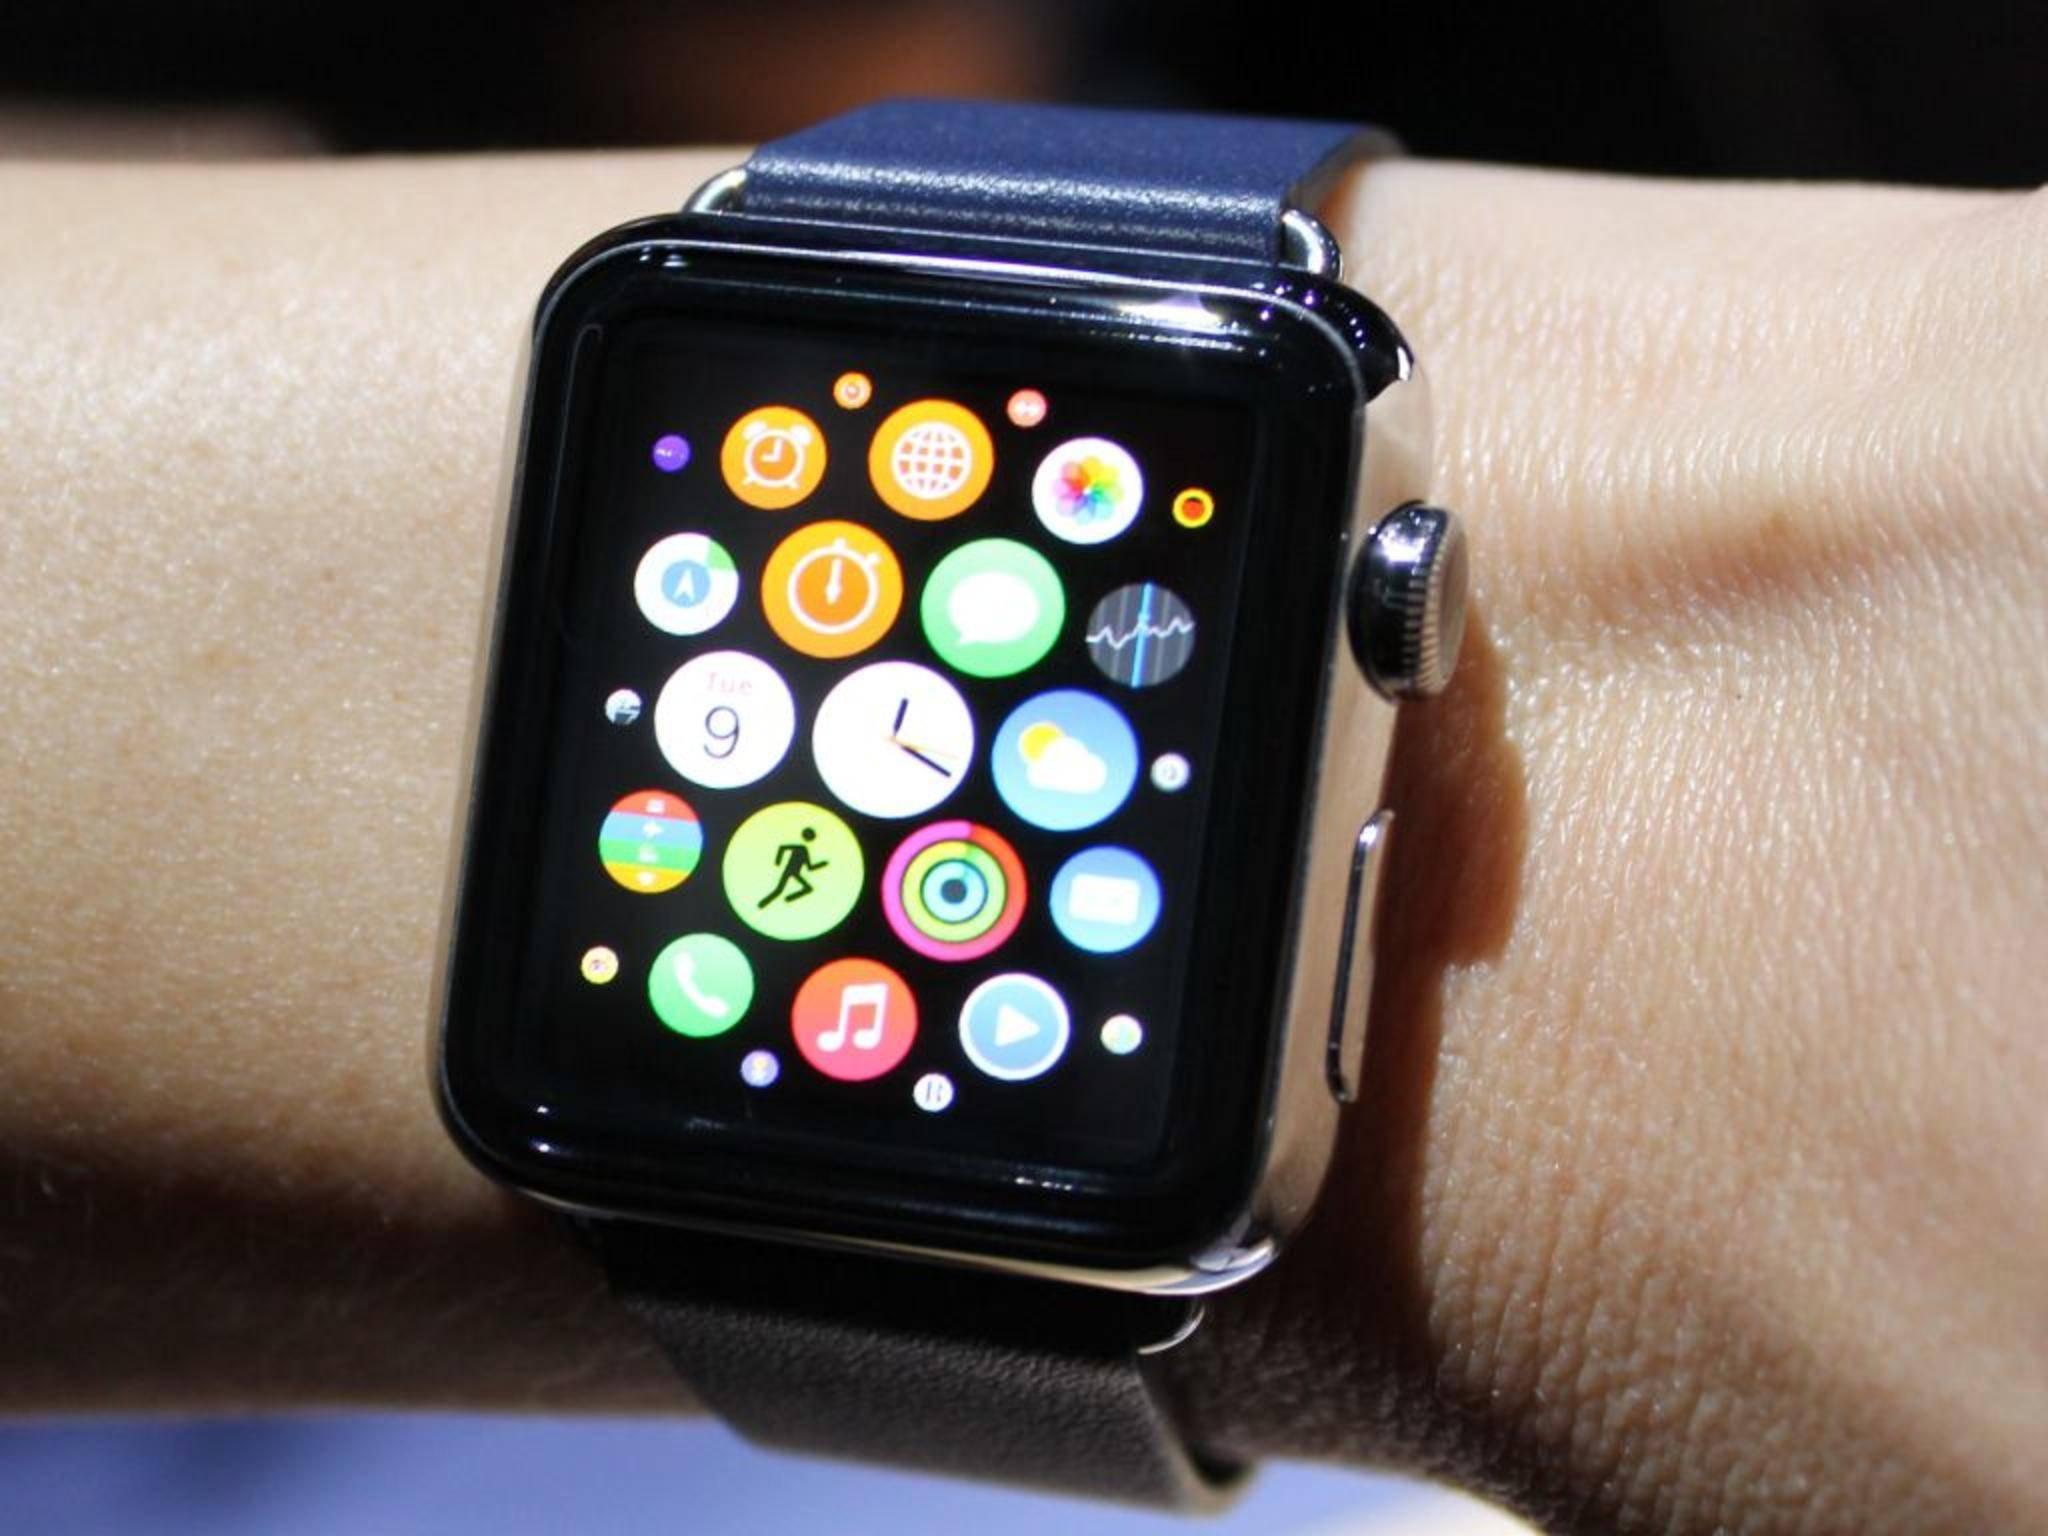 """""""Ist die nicht zu groß für mein schmales Handgelenk?"""" Apples Design-Dokumente geben jetzt Auskunft über die Größe der Apple Watch."""